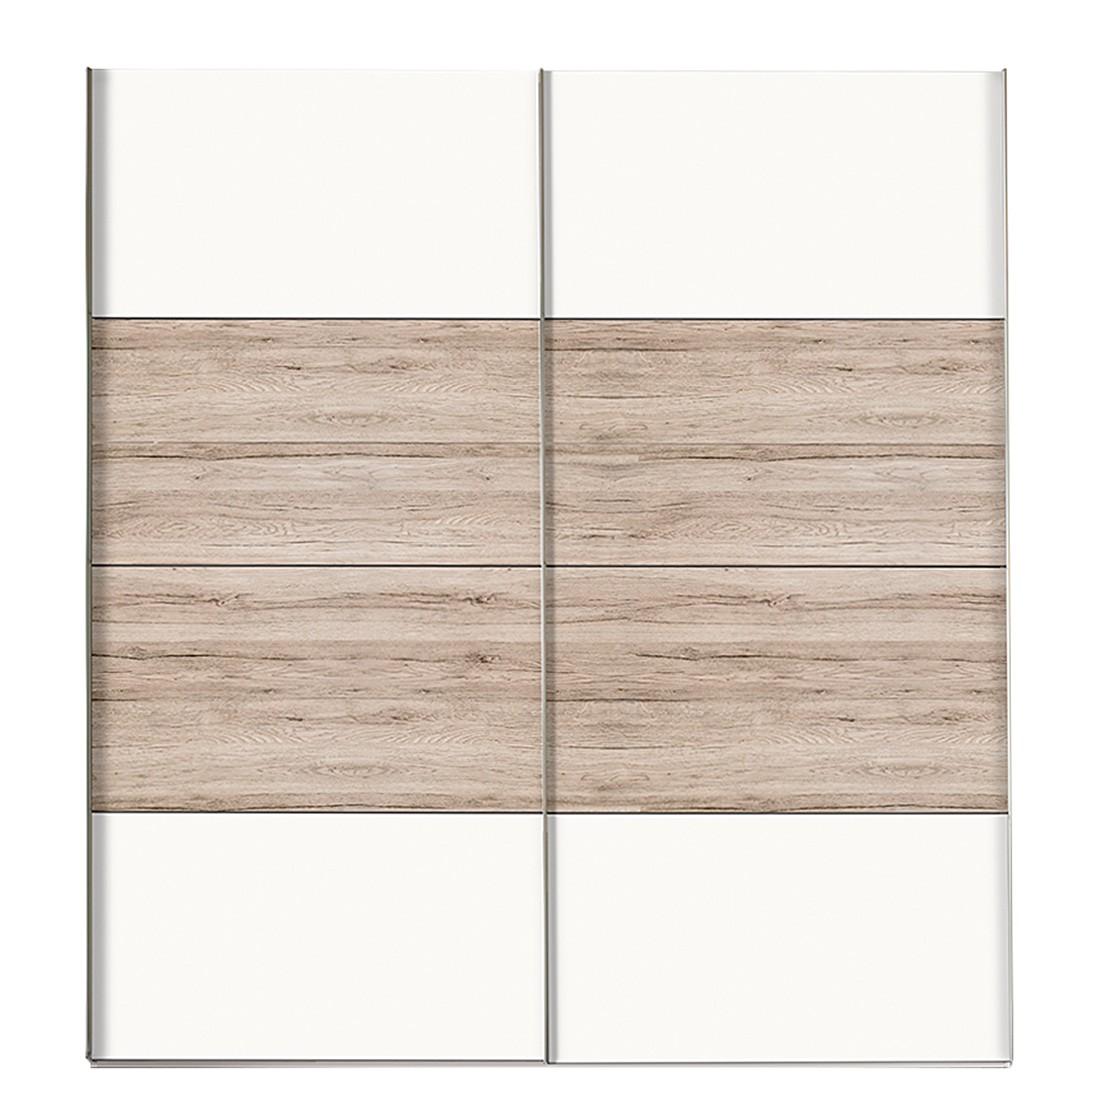 sonoma eiche san remo unterschied, schwebetürenschrank portiers - polarweiß/ sanremo eiche dekor - bxh, Design ideen